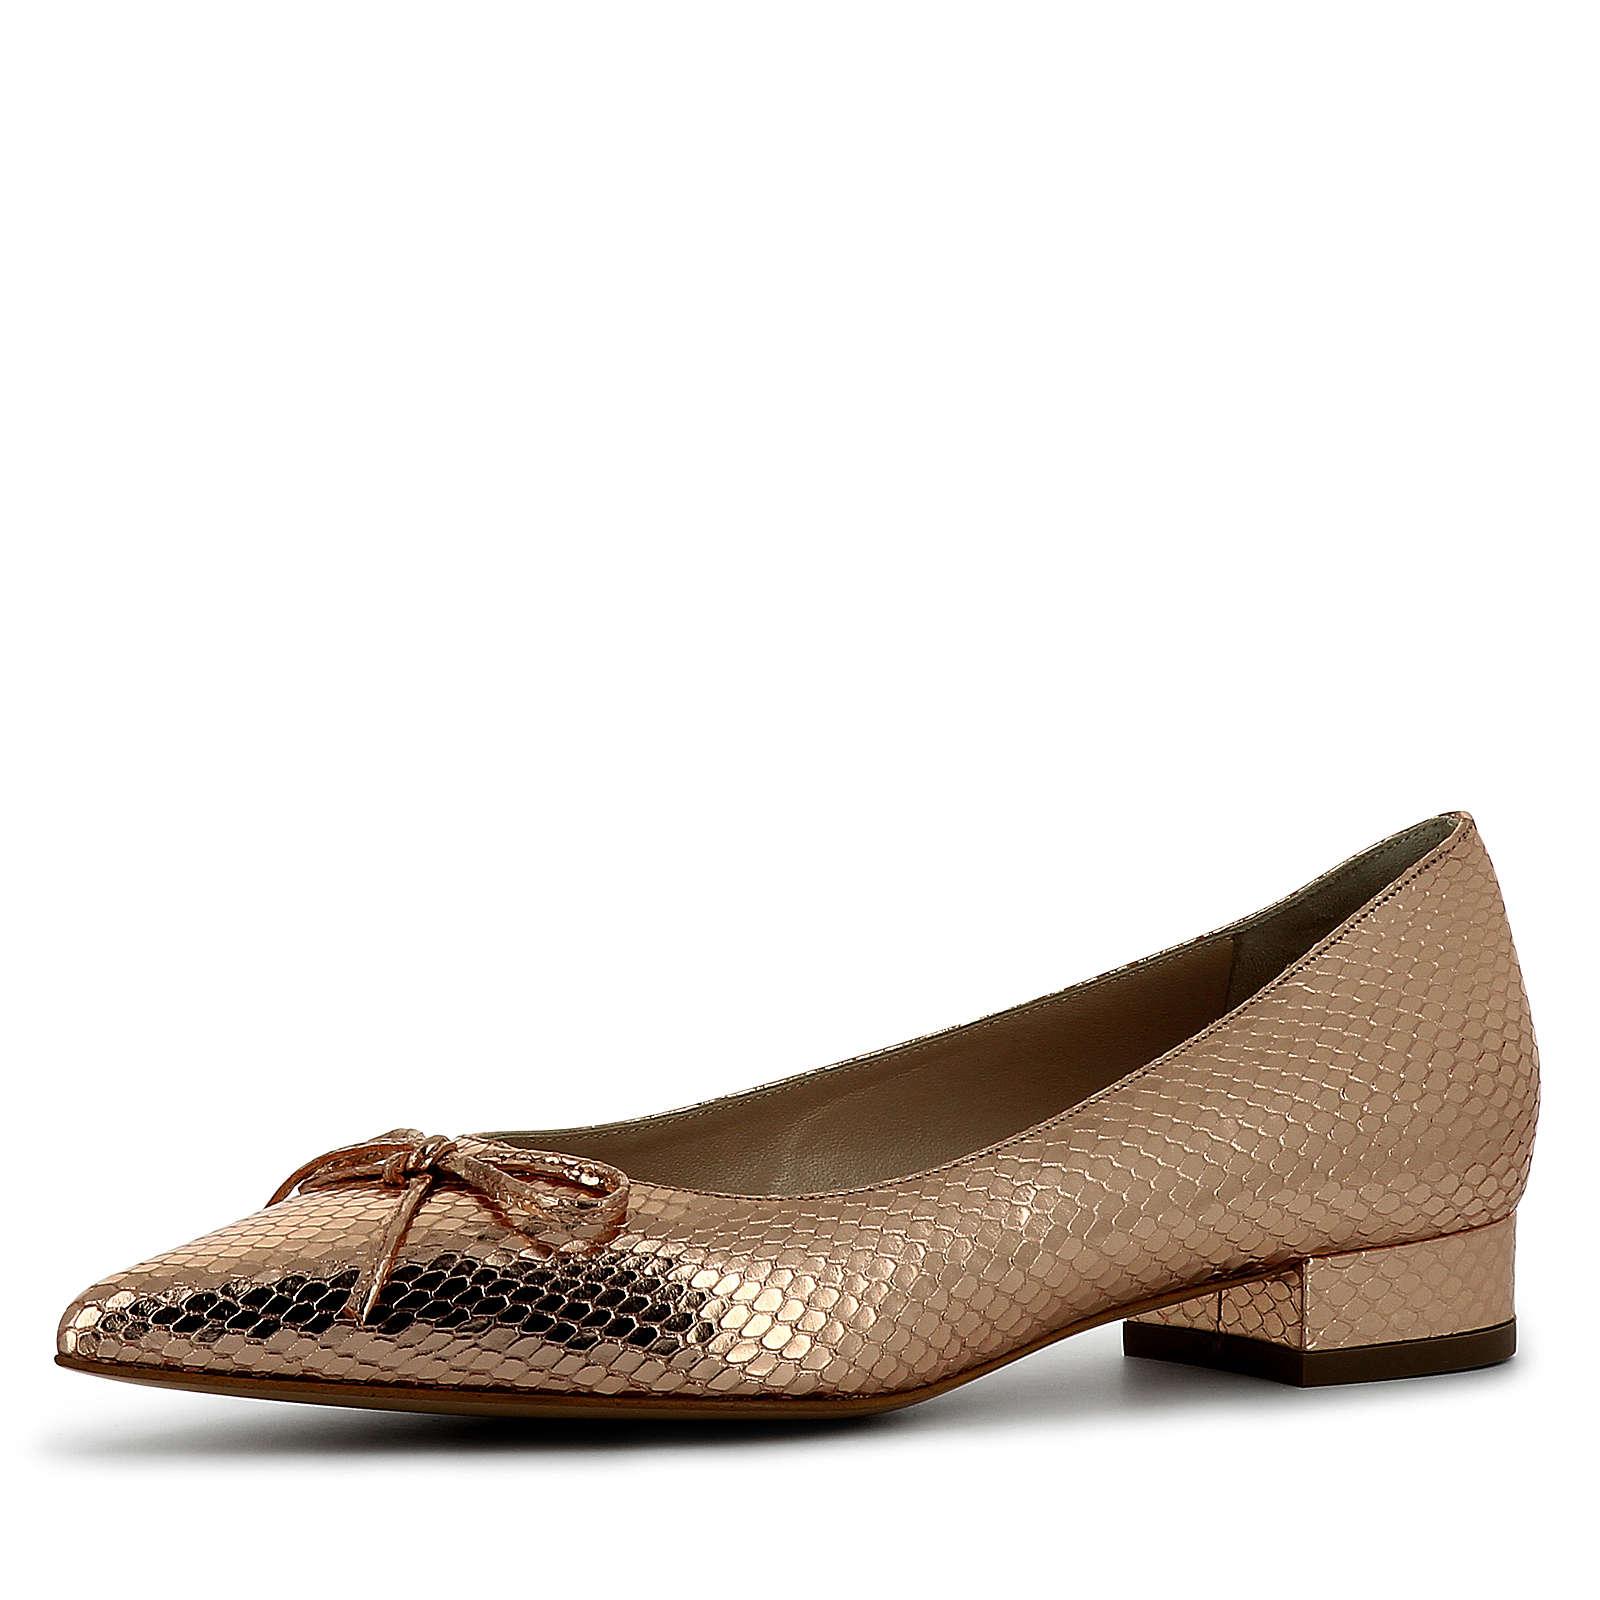 Evita Shoes Pumps bronze Damen Gr. 39